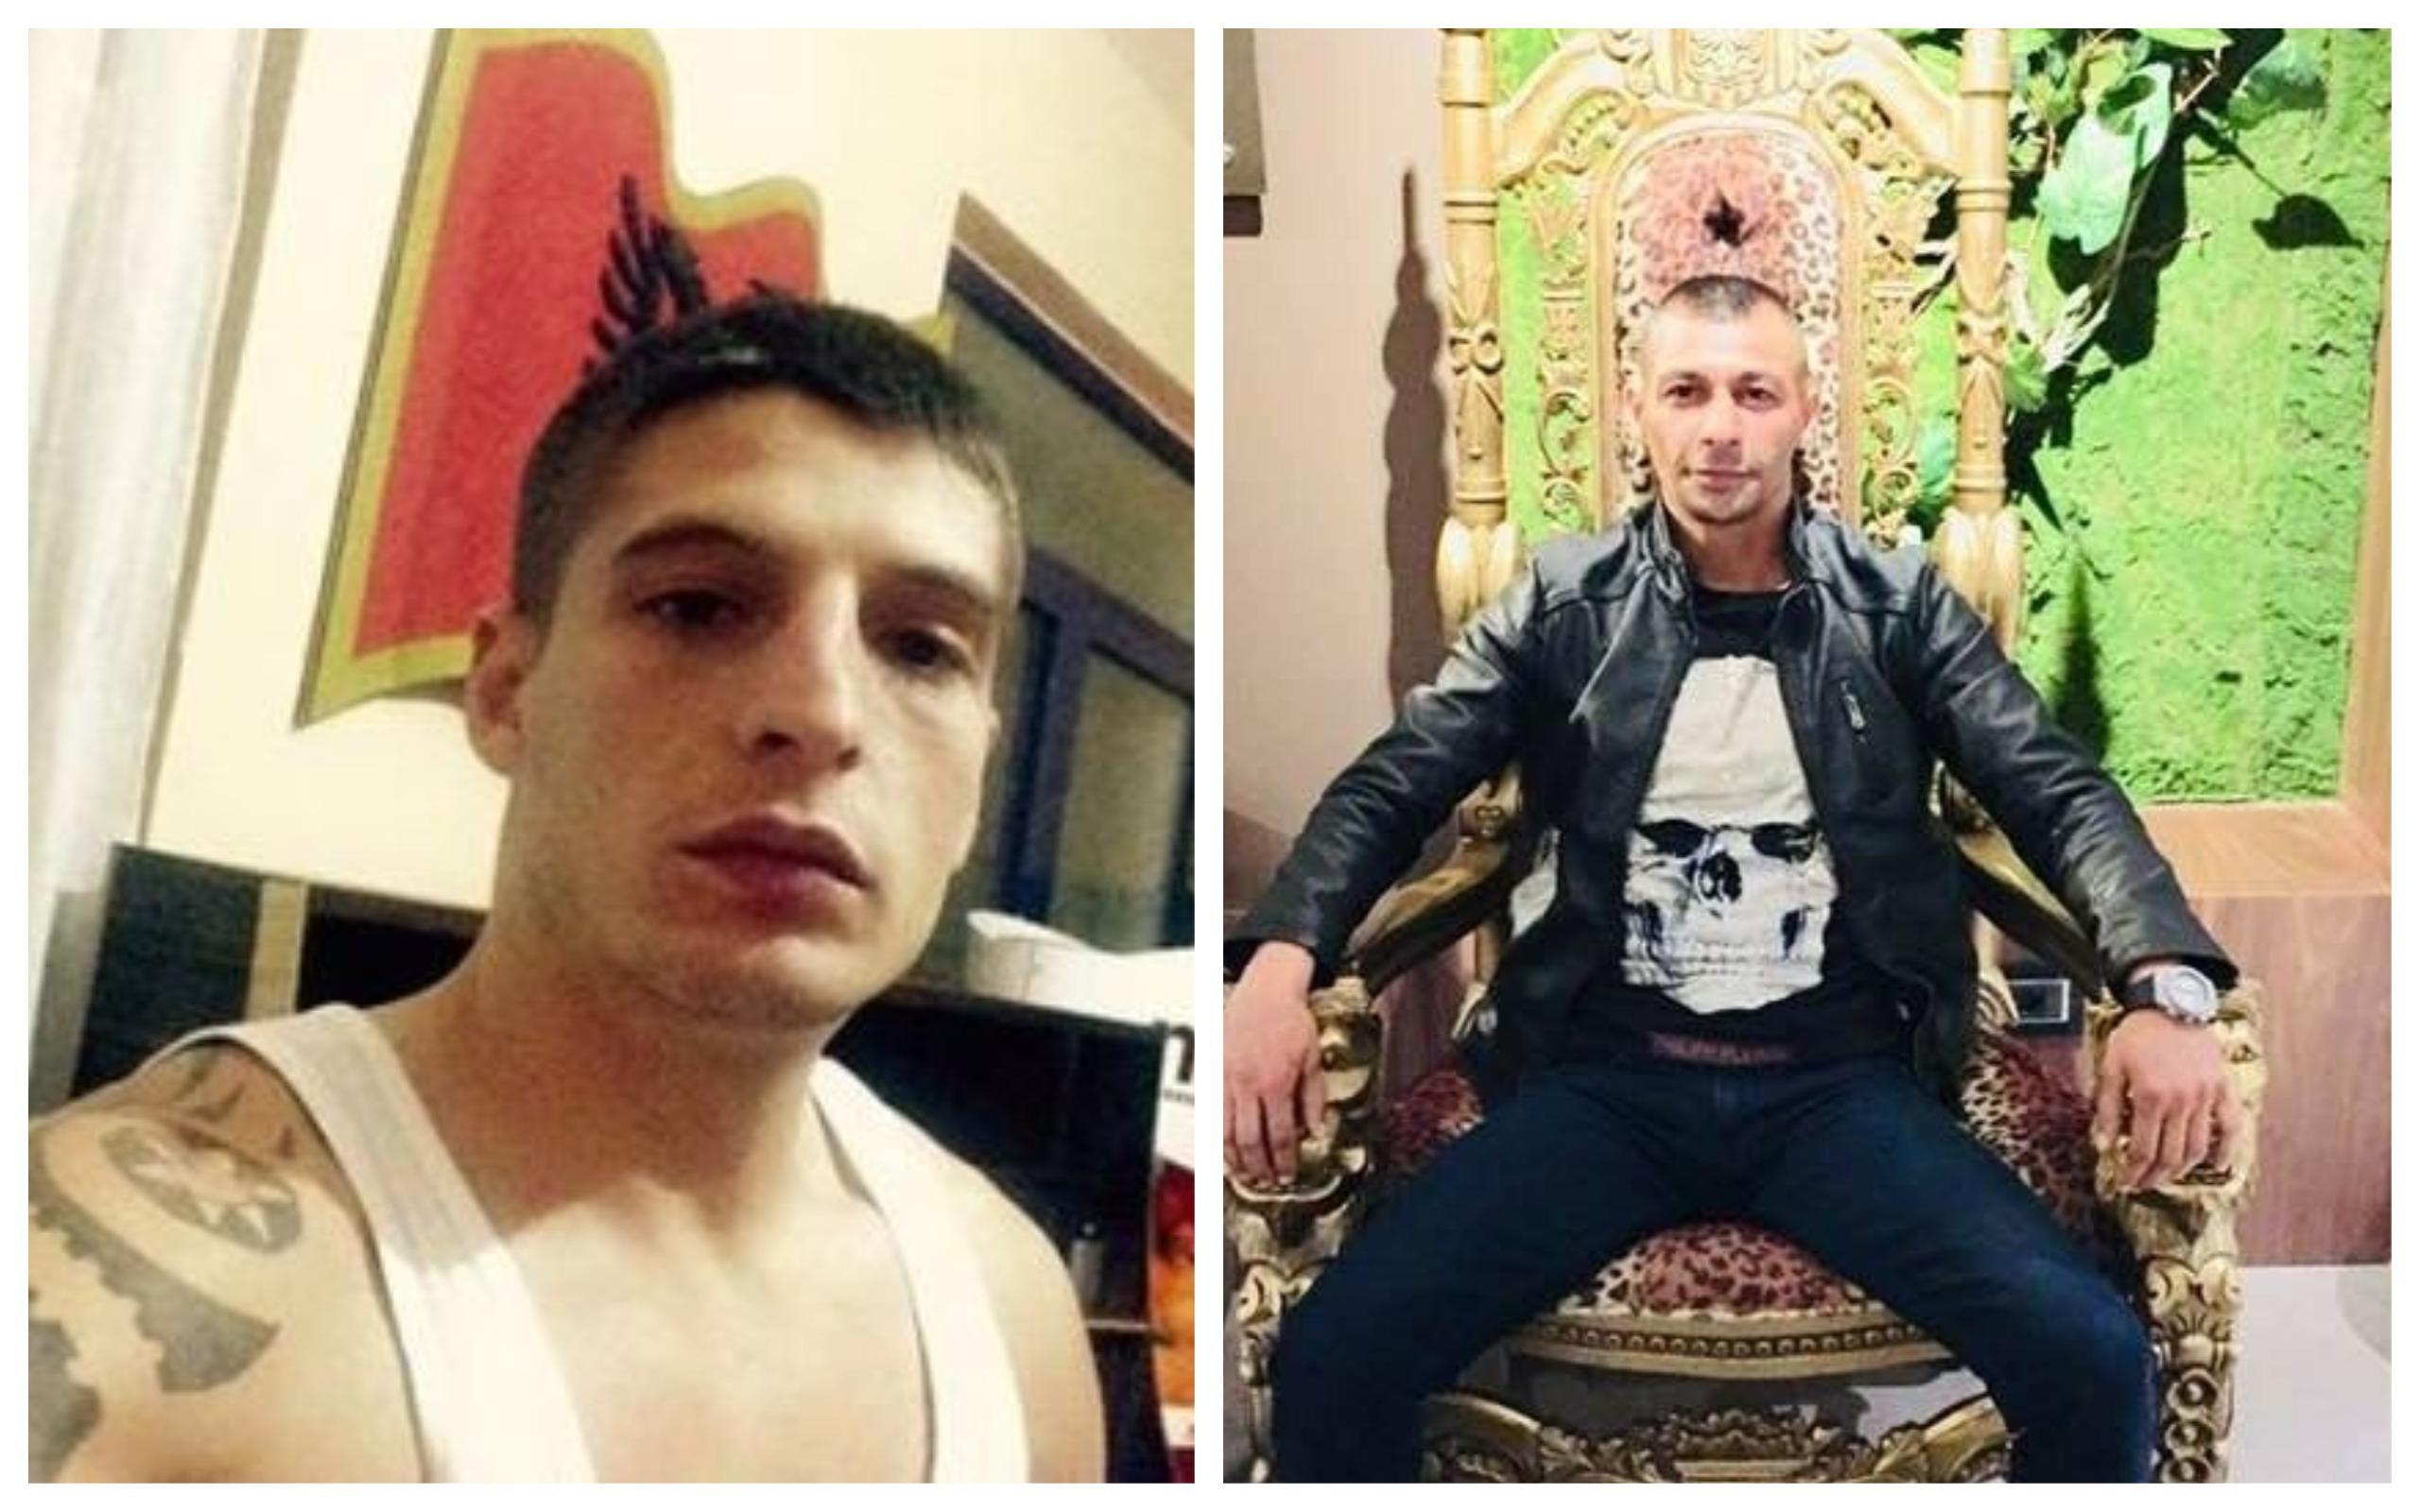 Klani Duka dhe grupi i Vis Martinajt: OFL goditi njëherësh rivalët e përjetshëm në Tiranë